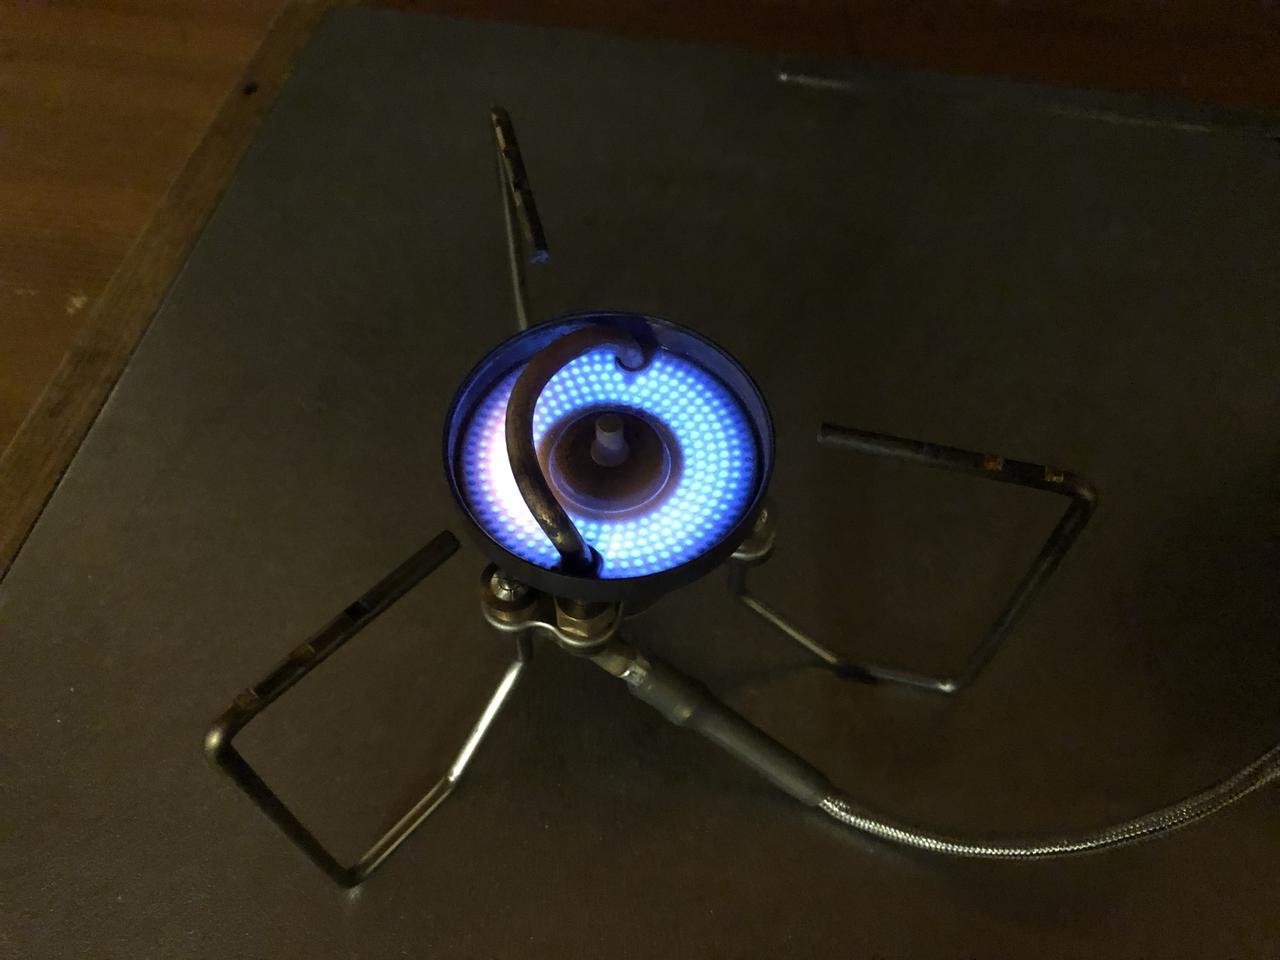 画像: 筆者撮影 ストームブレイカーを最大限弱火にした状態